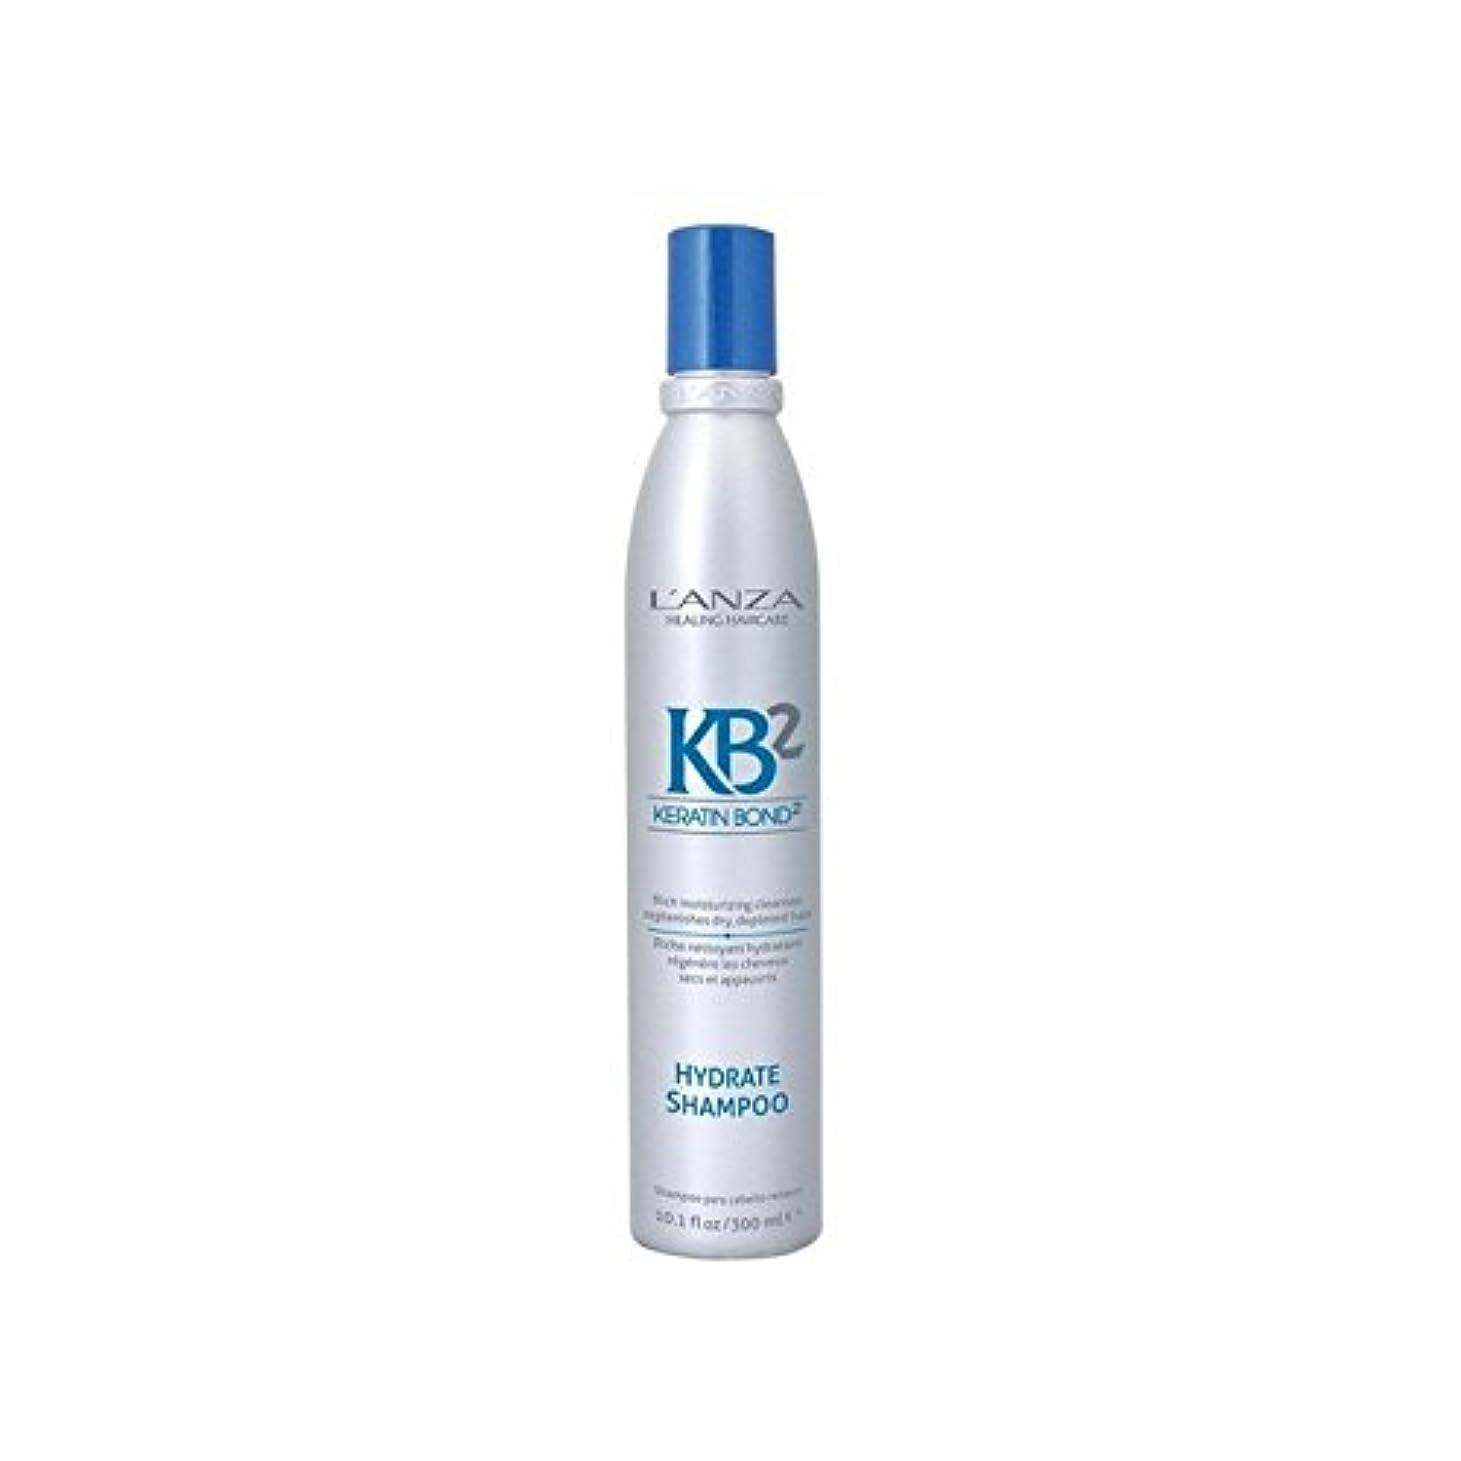 セールスマンインタネットを見る価値のないL'Anza Kb2 Hydrate Shampoo (300ml) - アンザ2和物シャンプー(300ミリリットル) [並行輸入品]